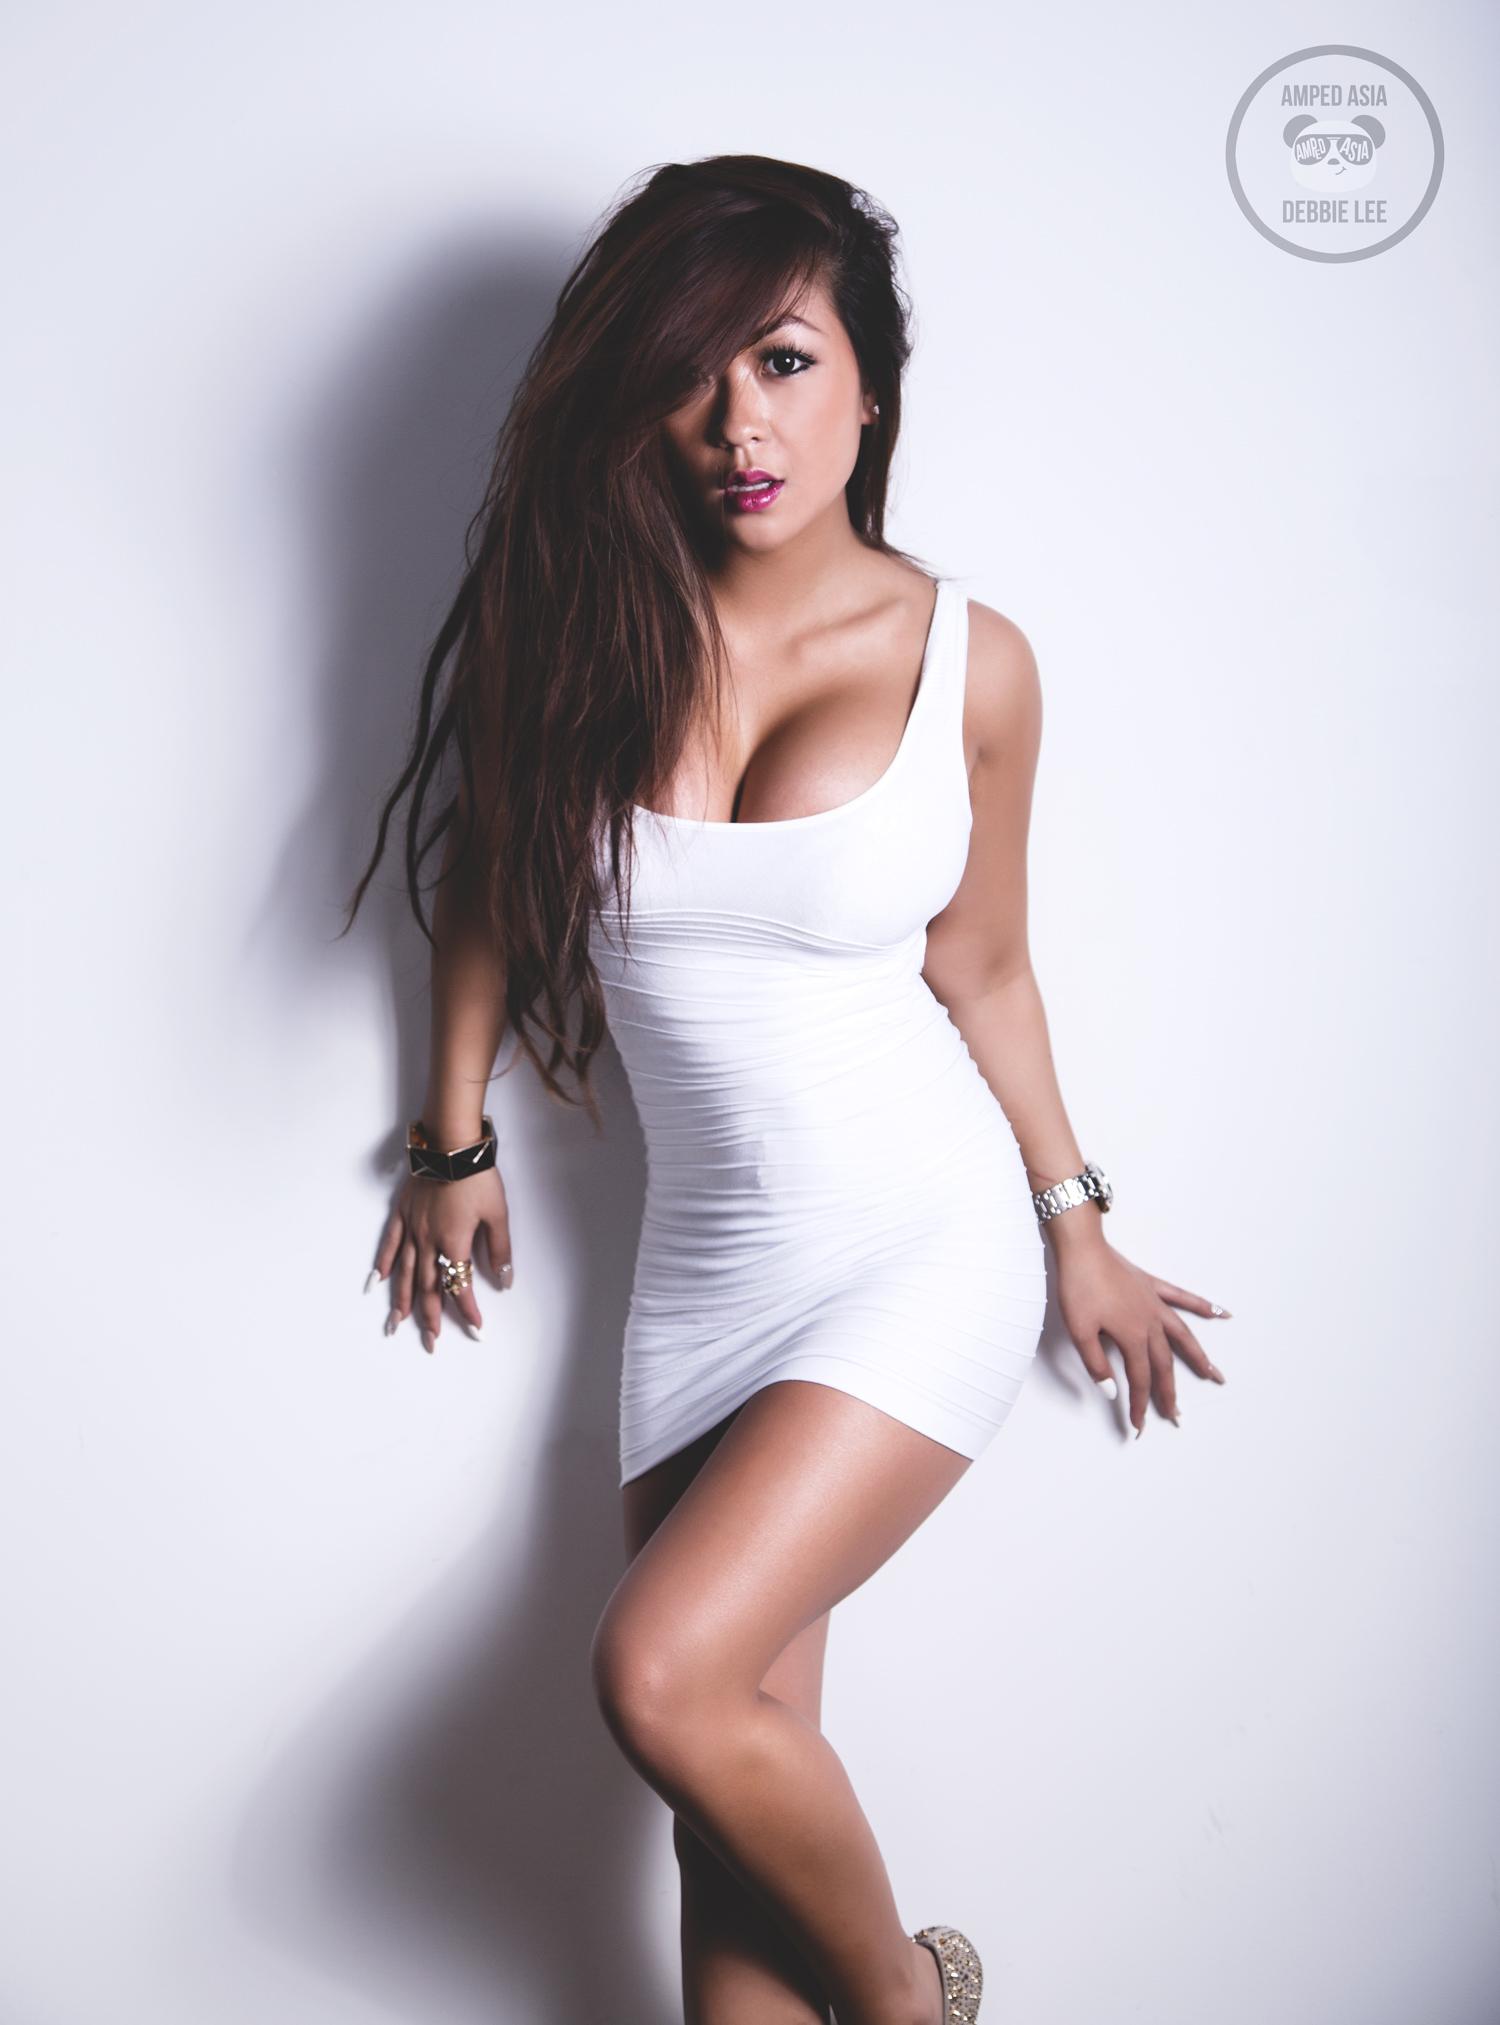 Debbie Lee